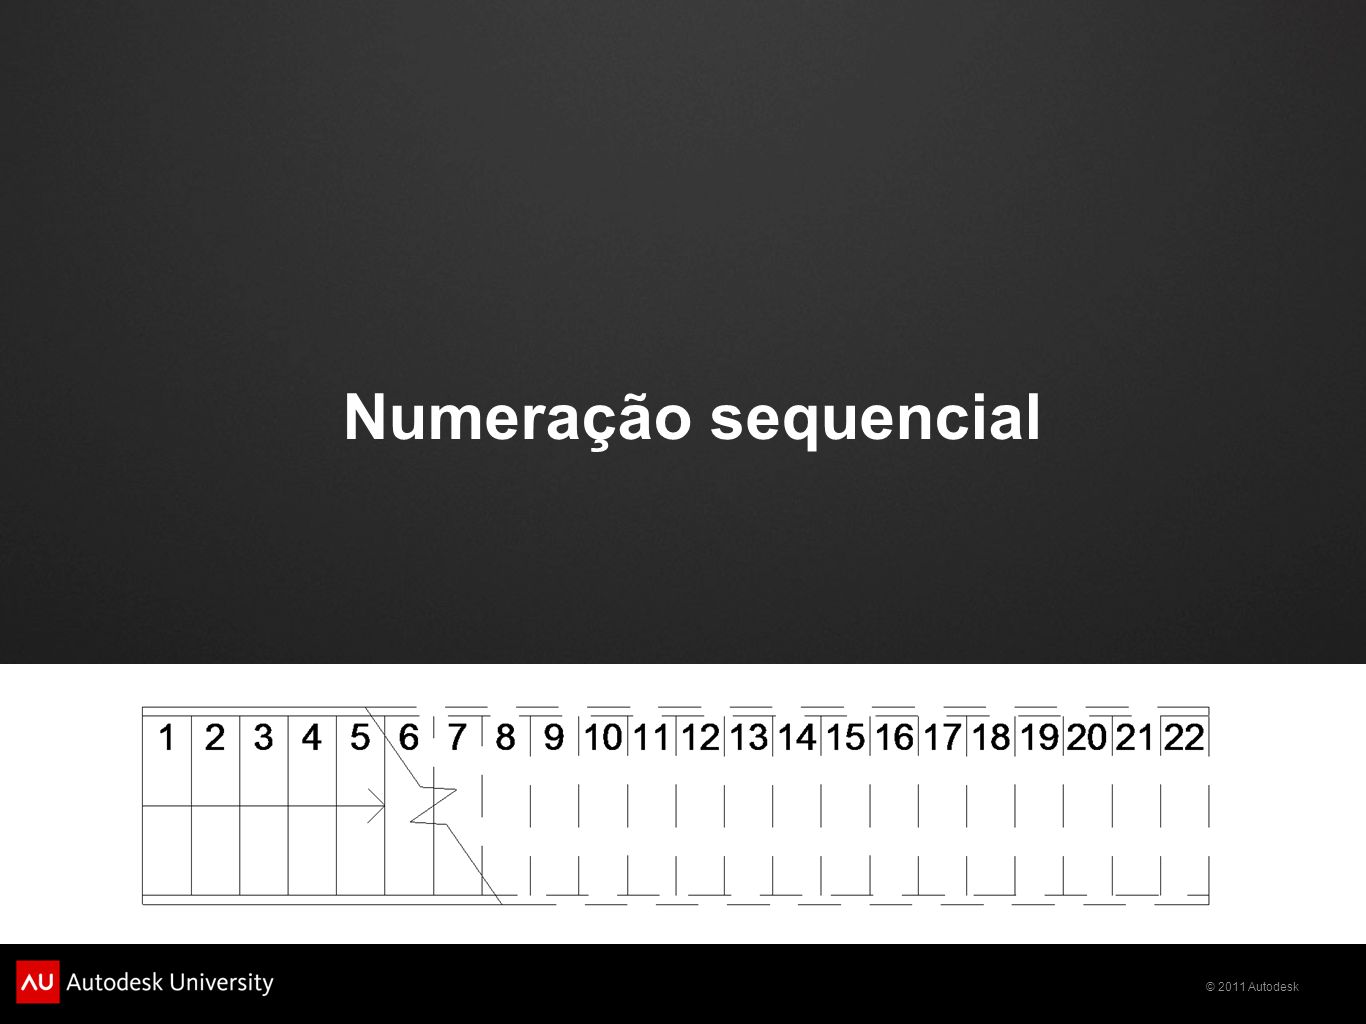 Numeração sequencial